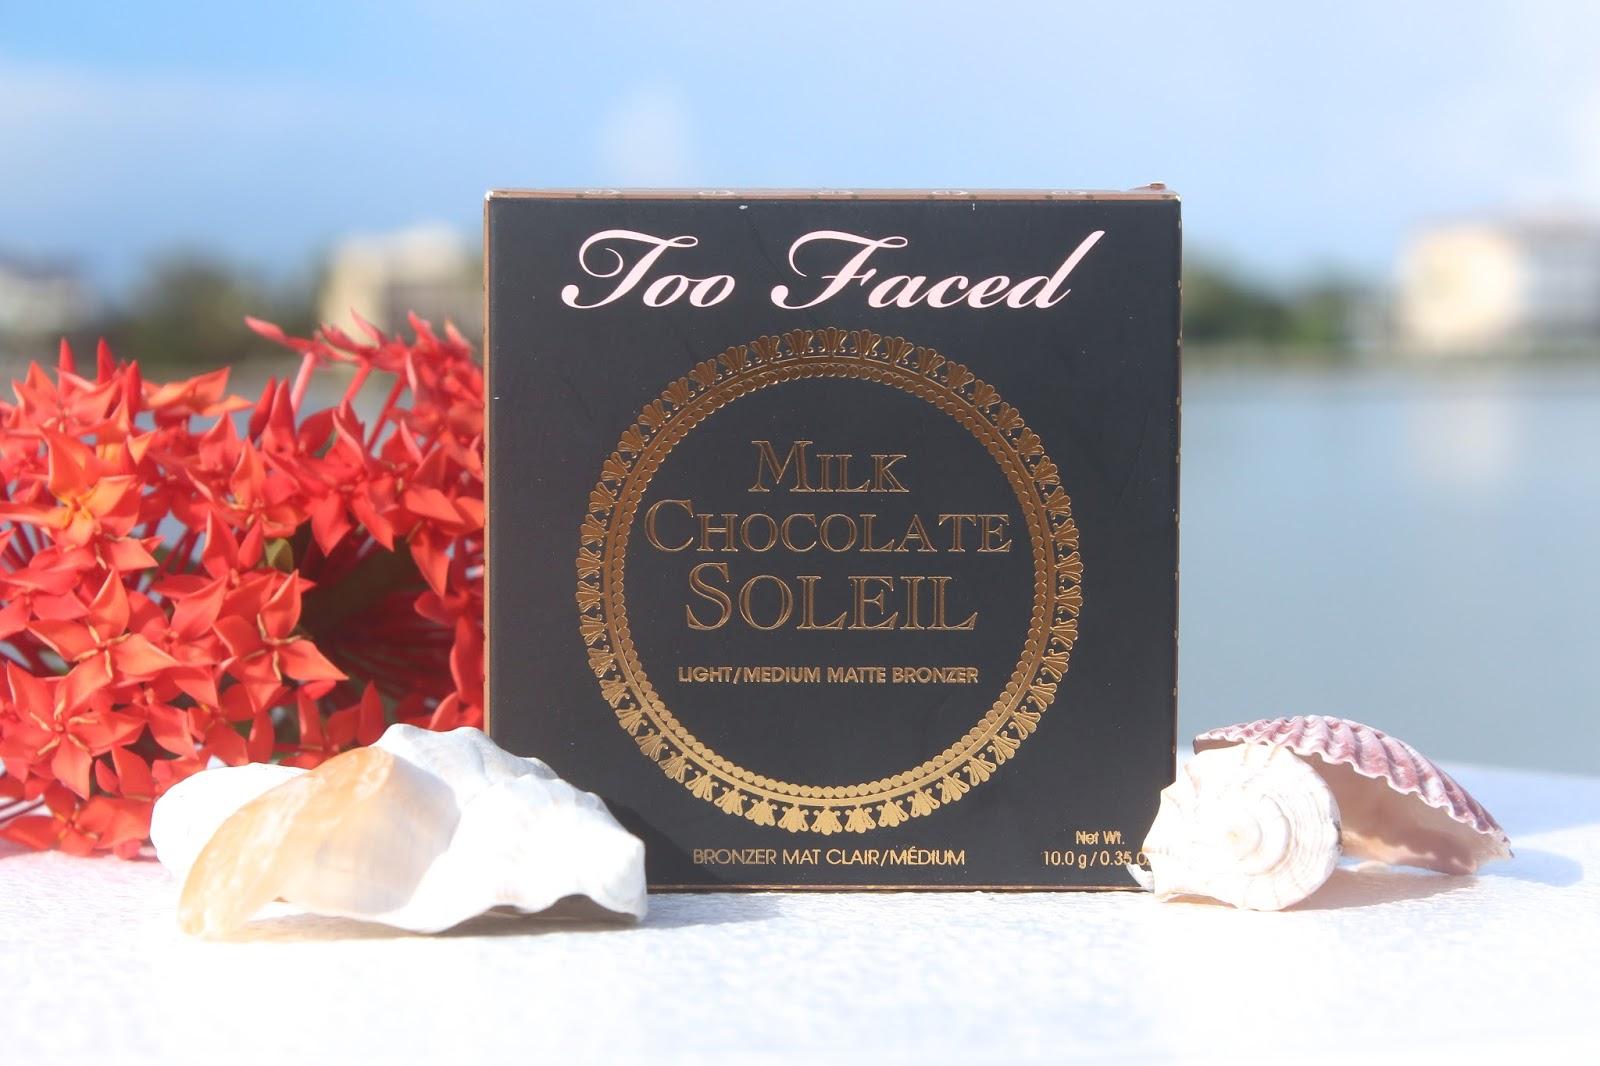 Too Faced Milk Chocolate Soliel